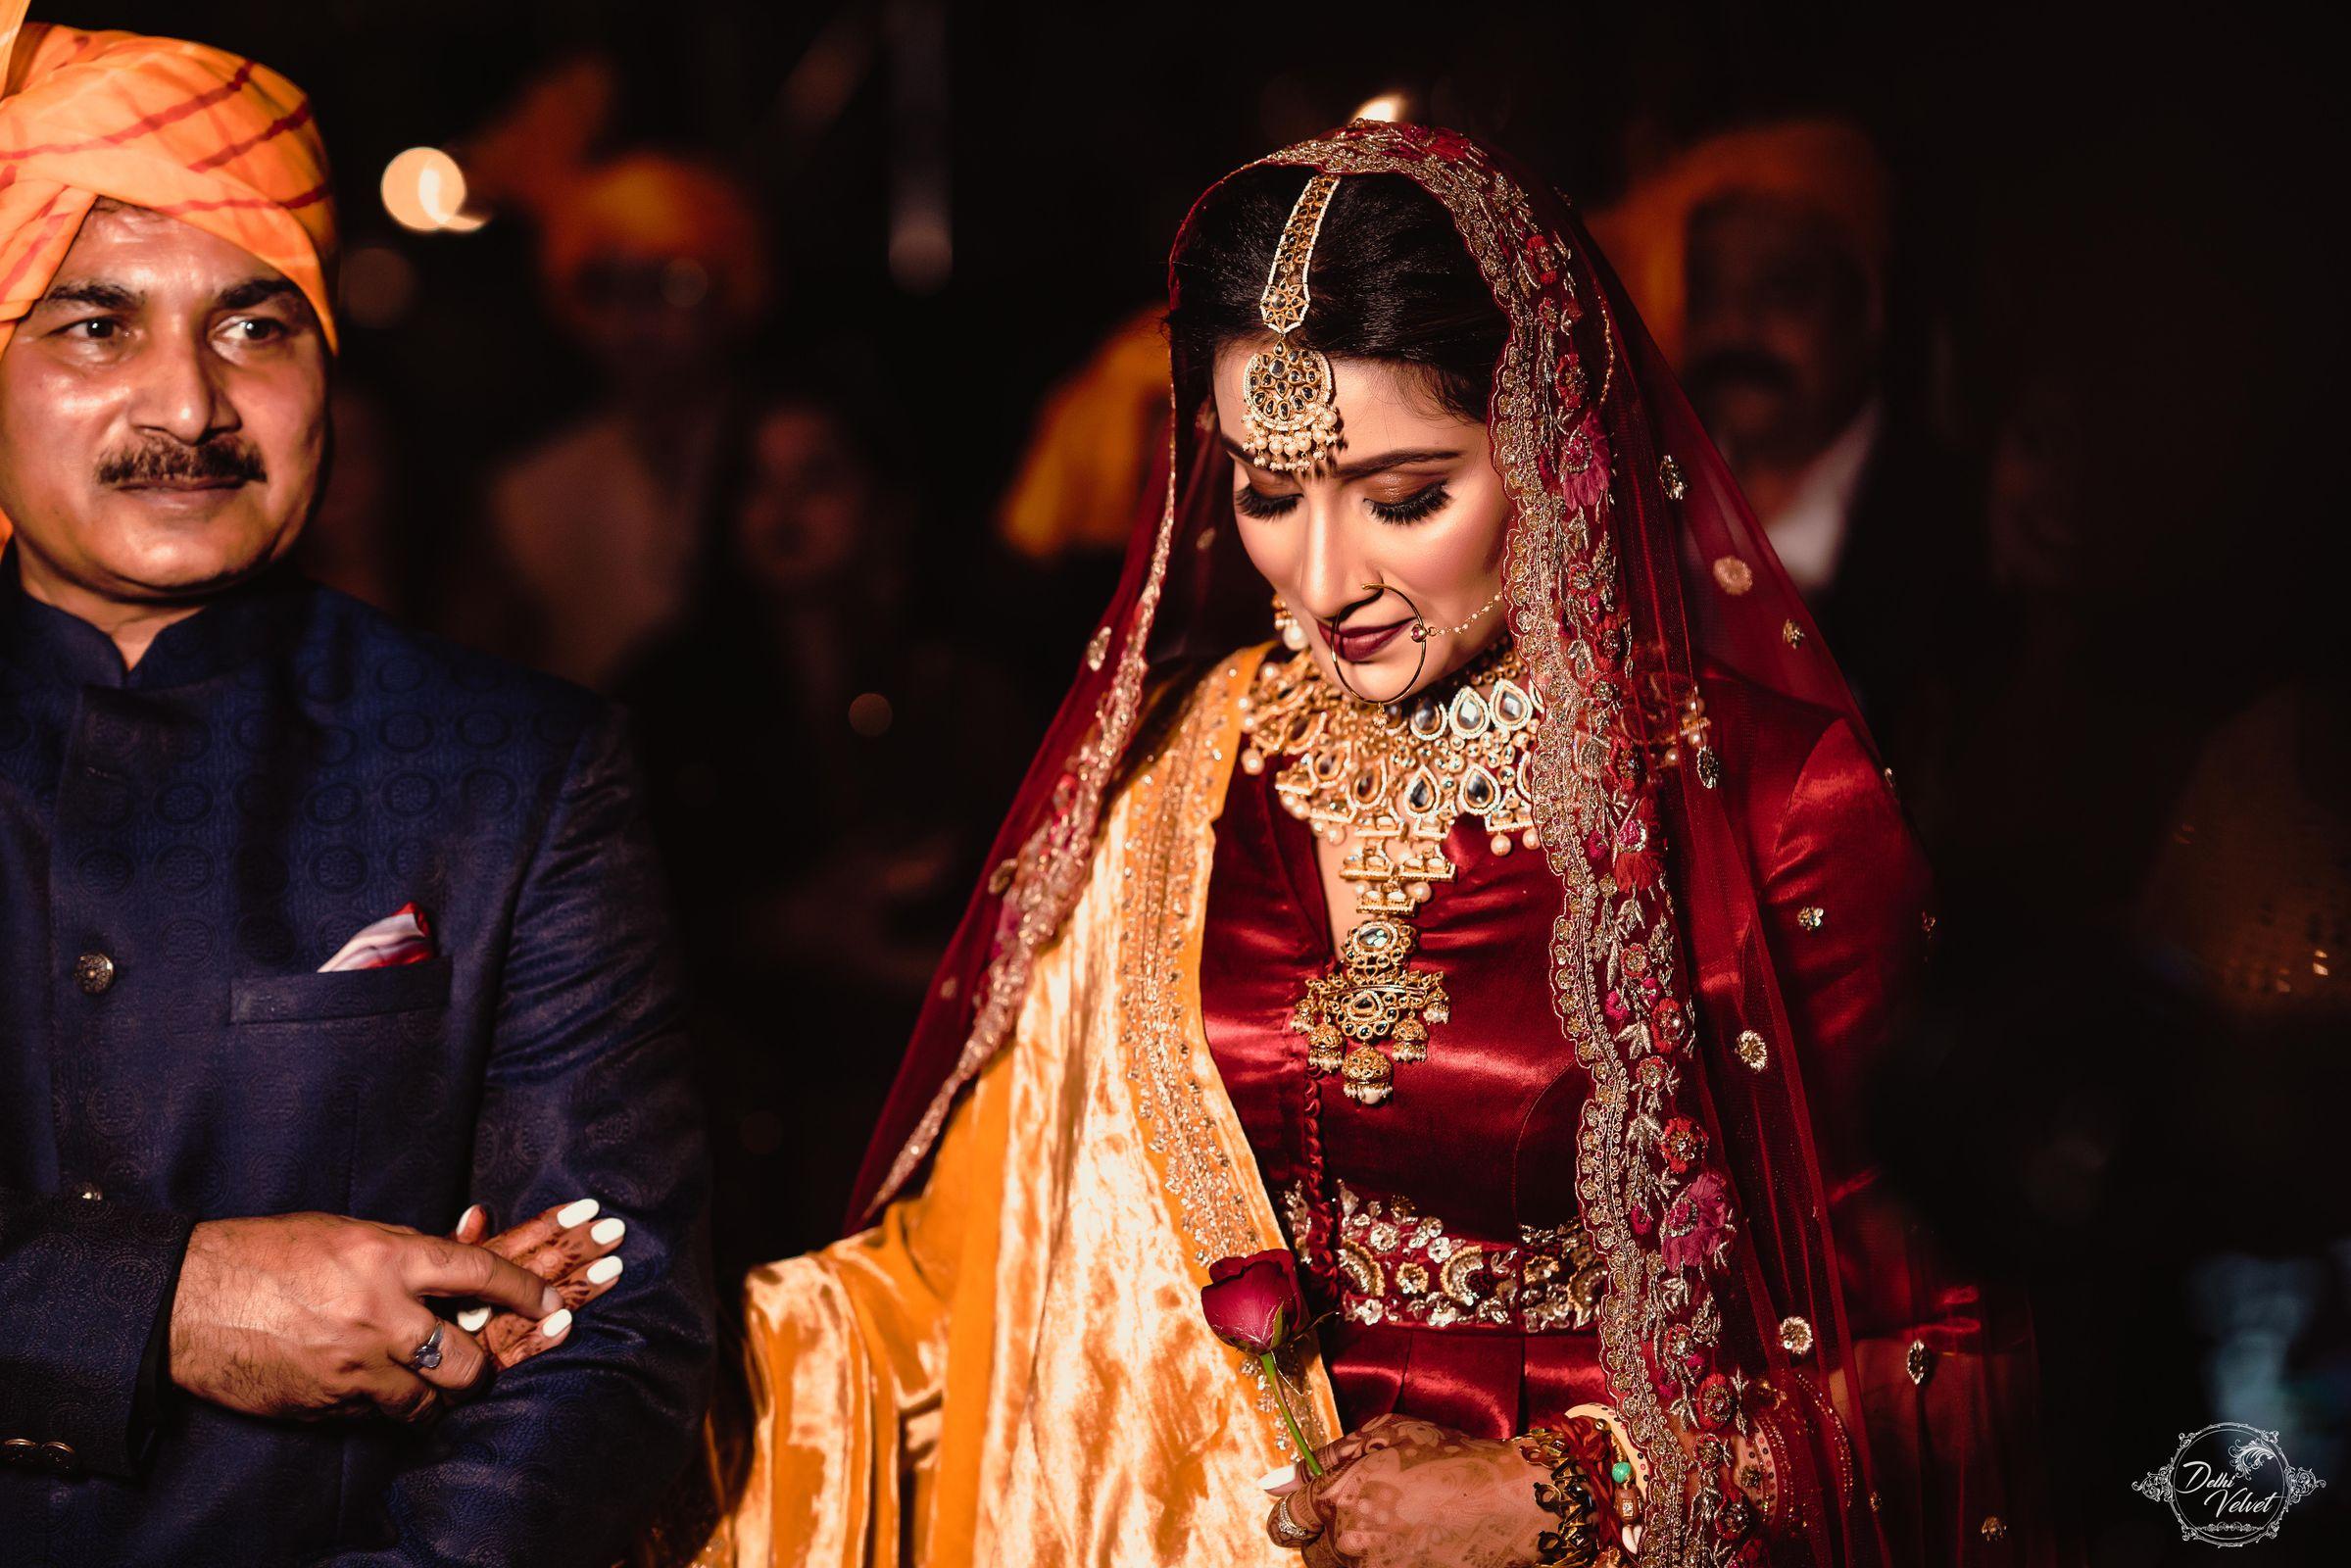 the wedding bride